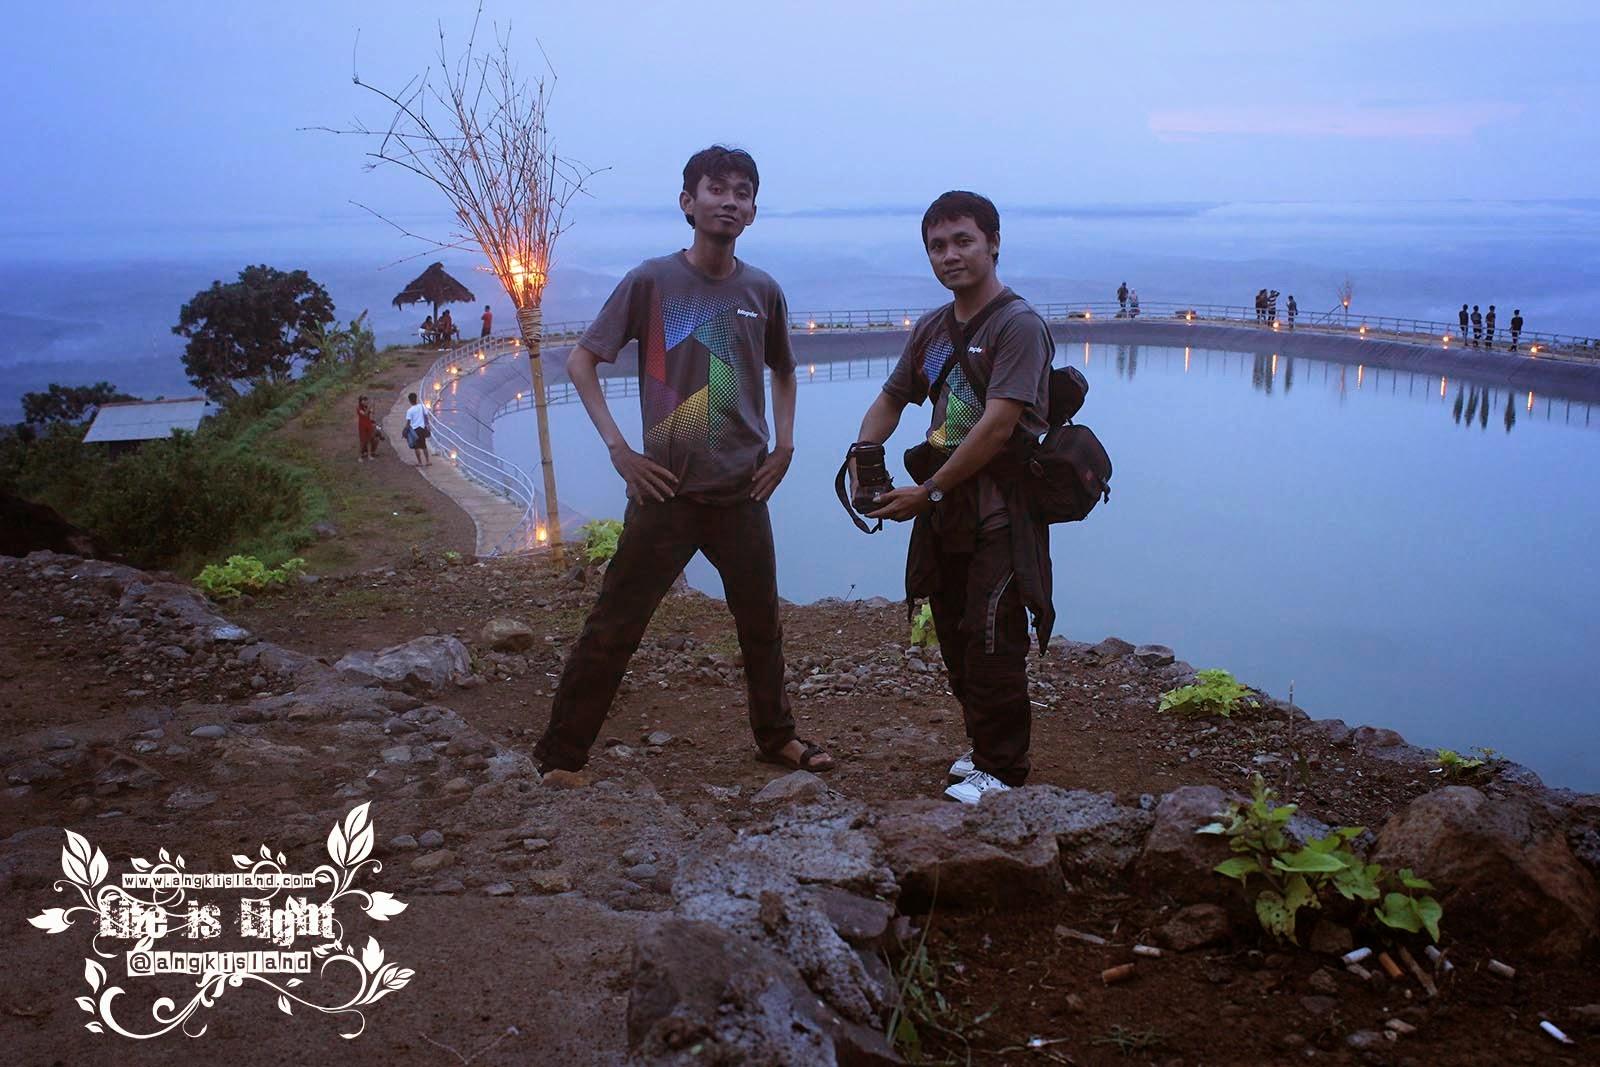 fotografernet